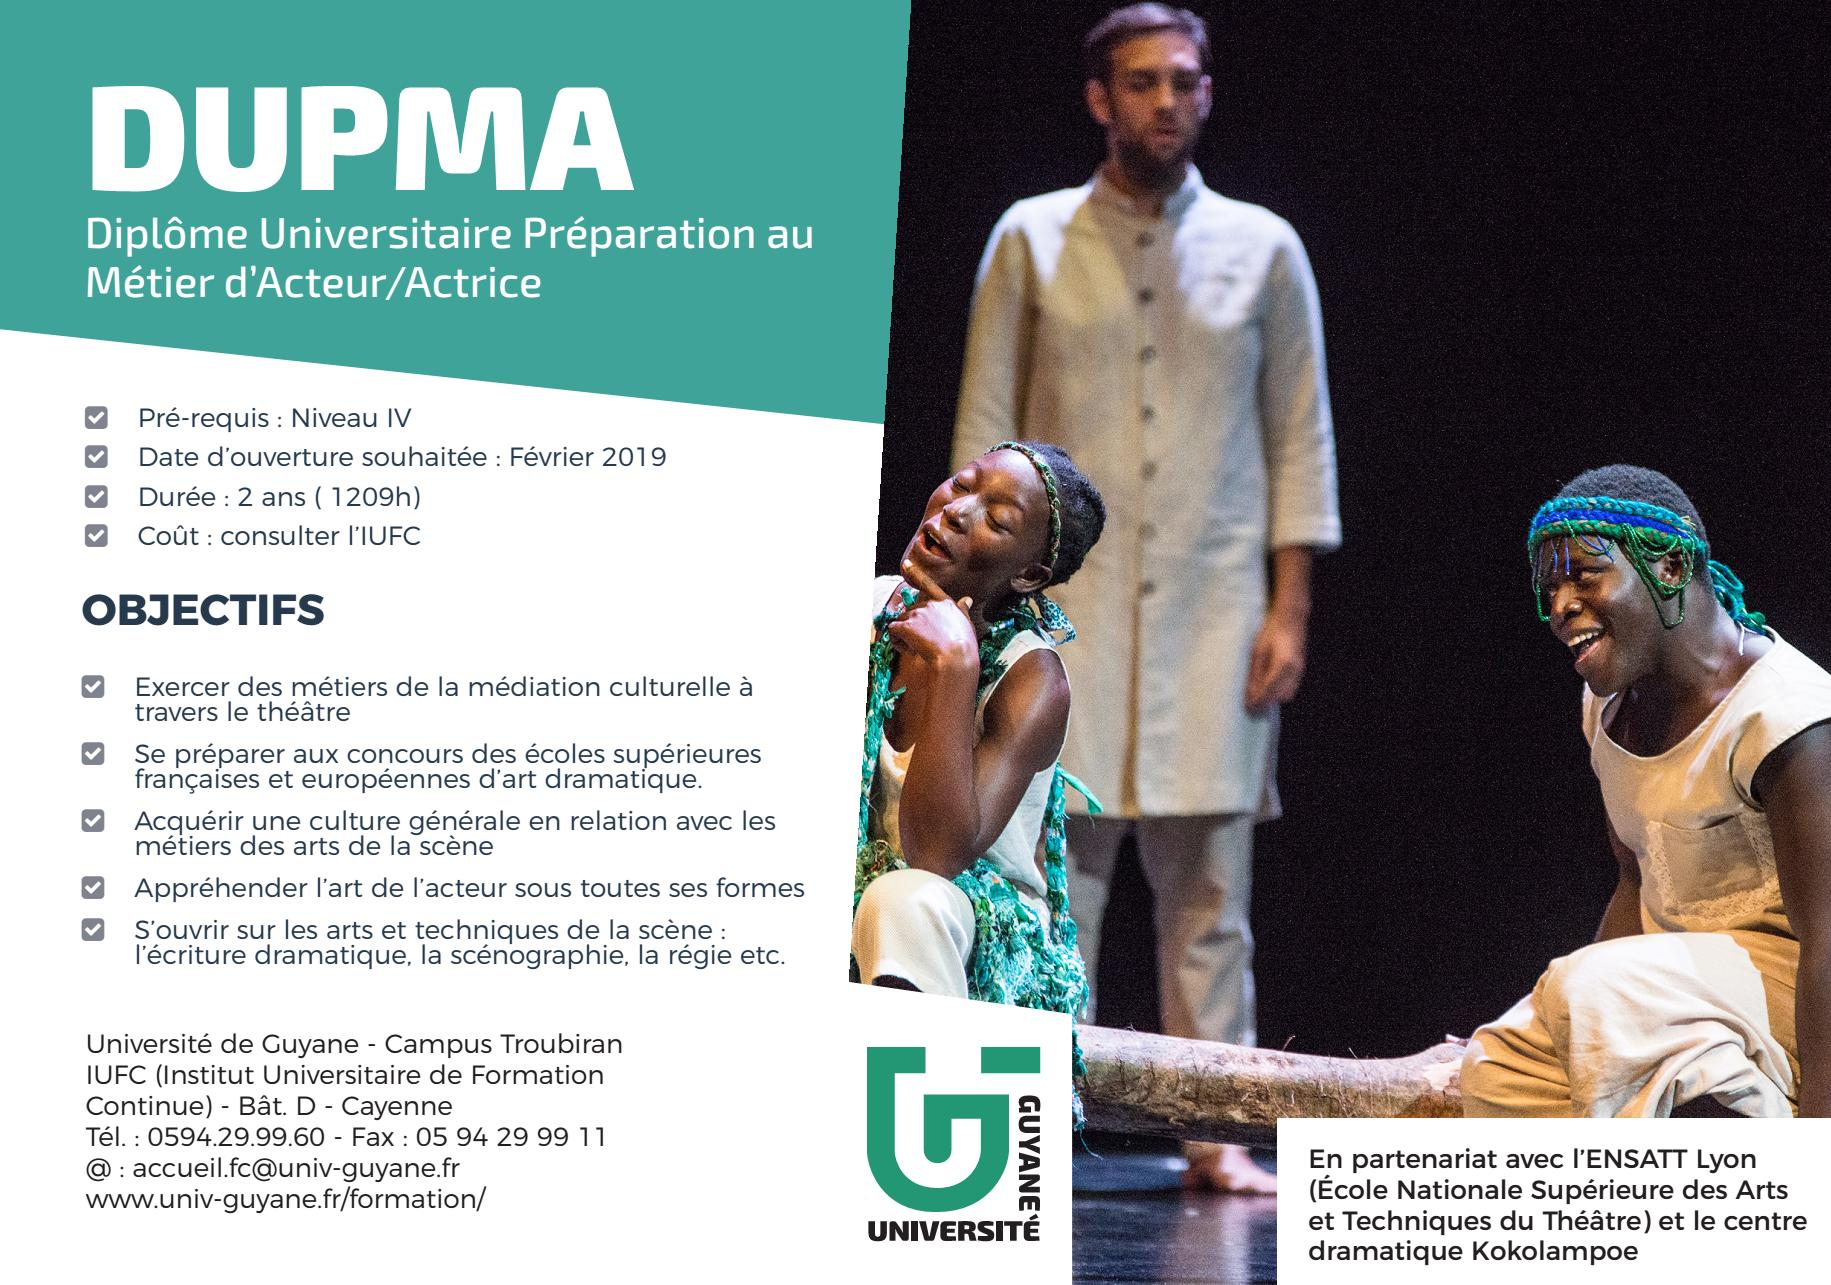 Diplôme Universitaire de Préparation au Métier d'Acteur (DUPMA) au Centre dramatique Kokolampoe avec l'Université de Guyane, l'ENSATT et le TEK